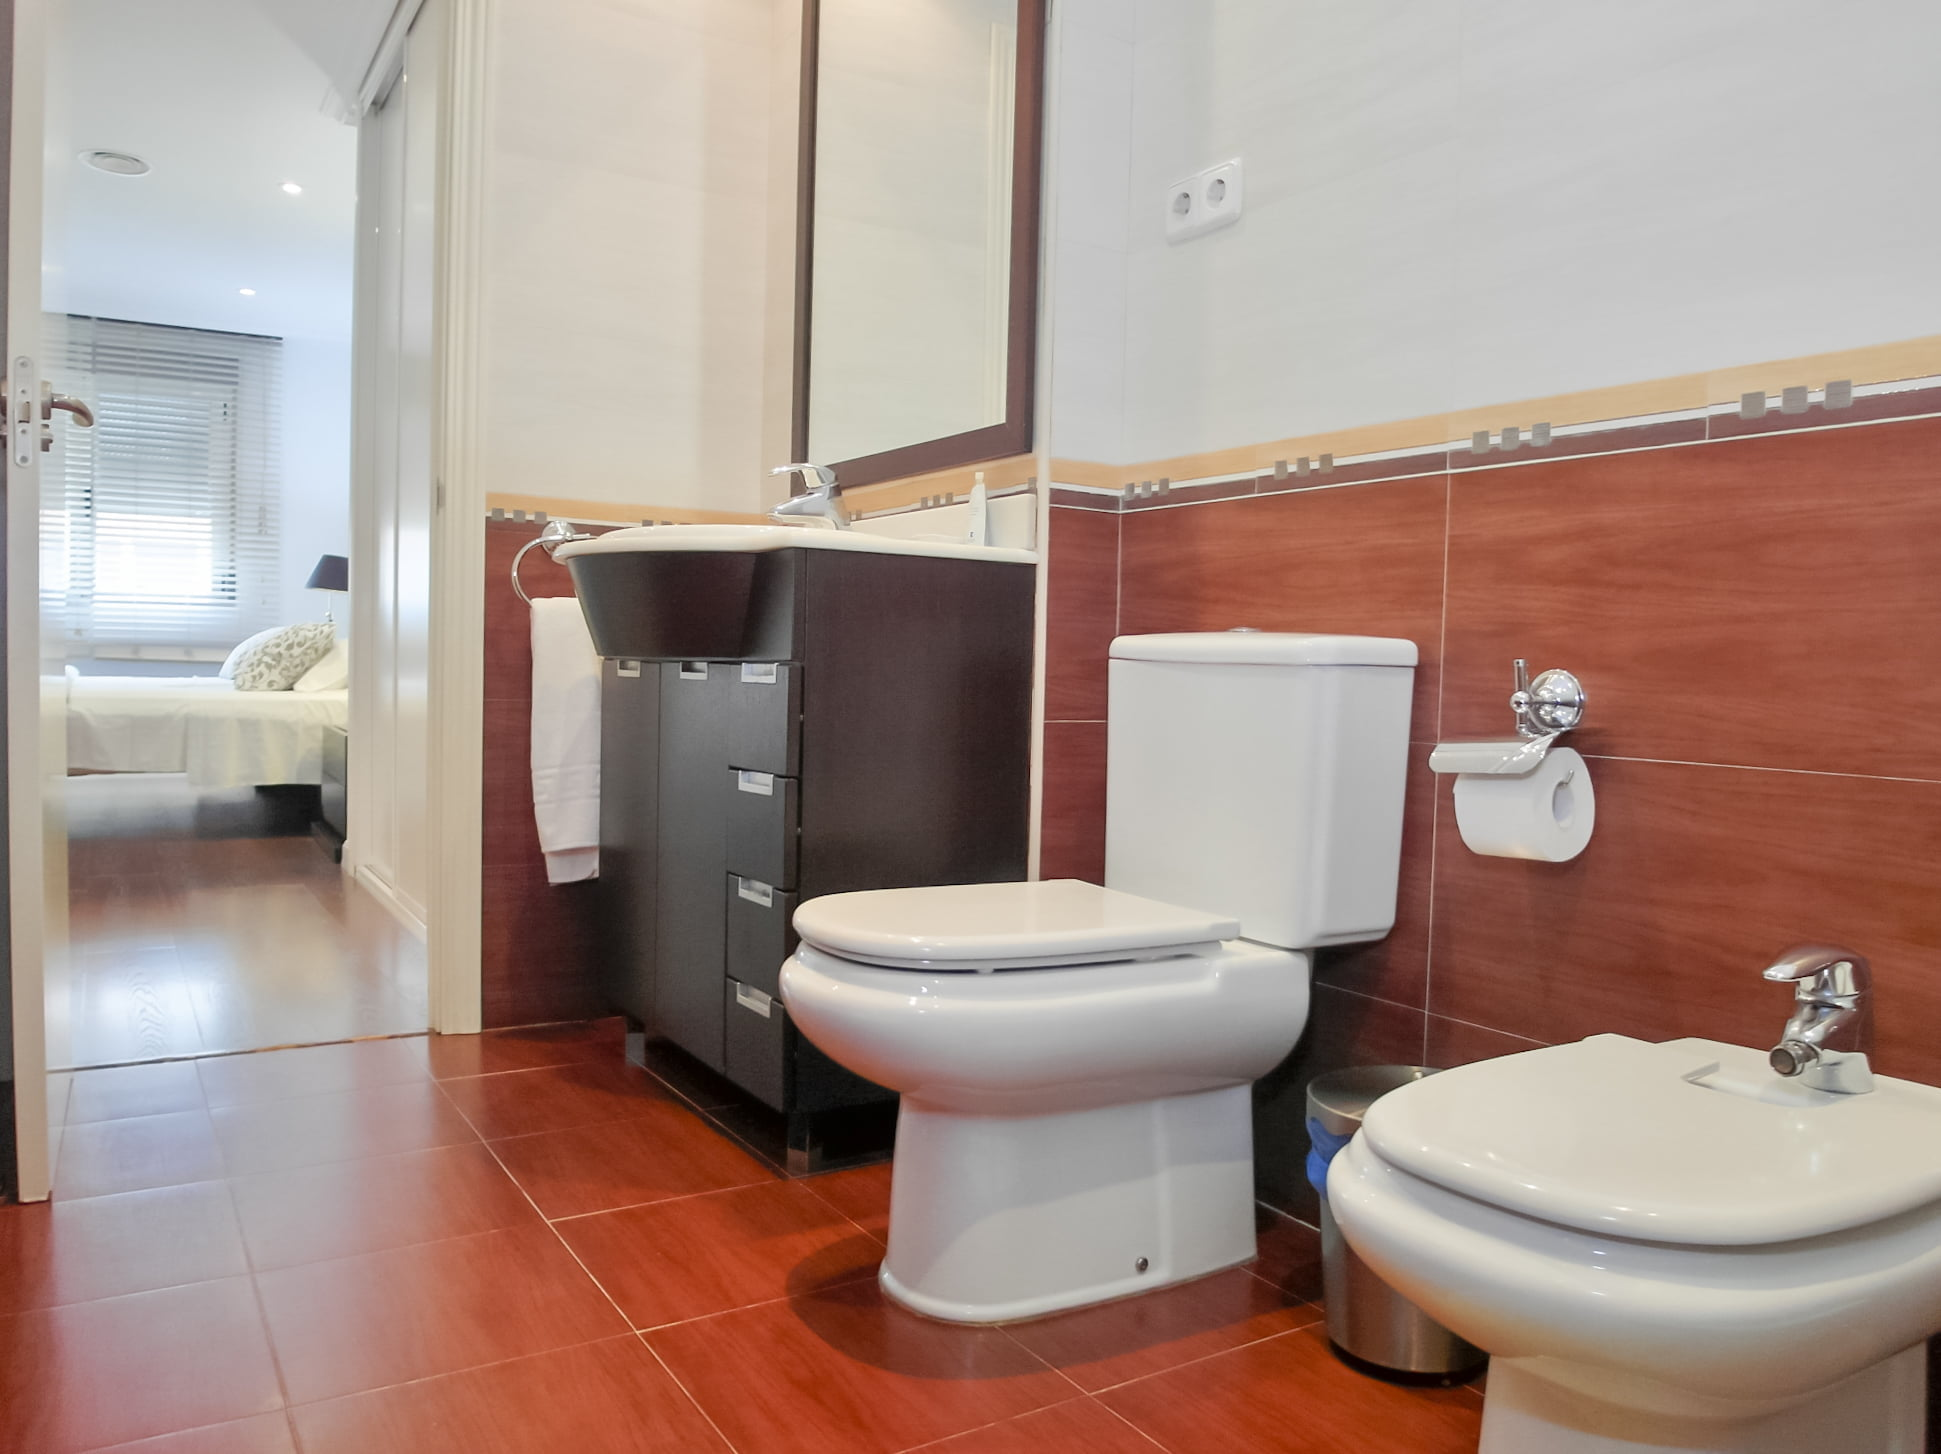 Bonito apartamento con 1 habitacion